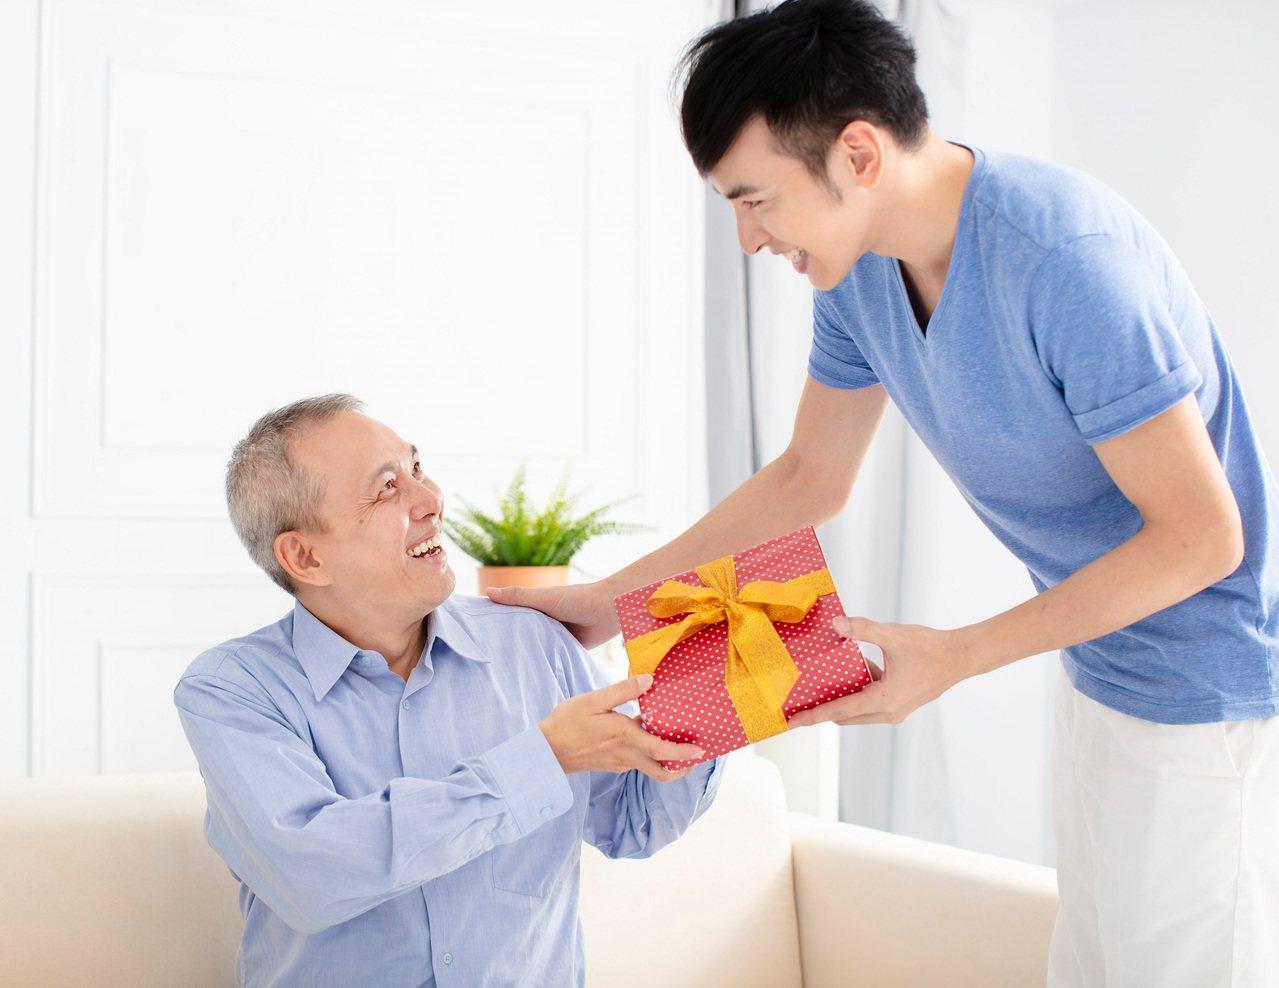 趁父親節,將保養行動力的孝心傳遞出去。 圖/RF123 提供